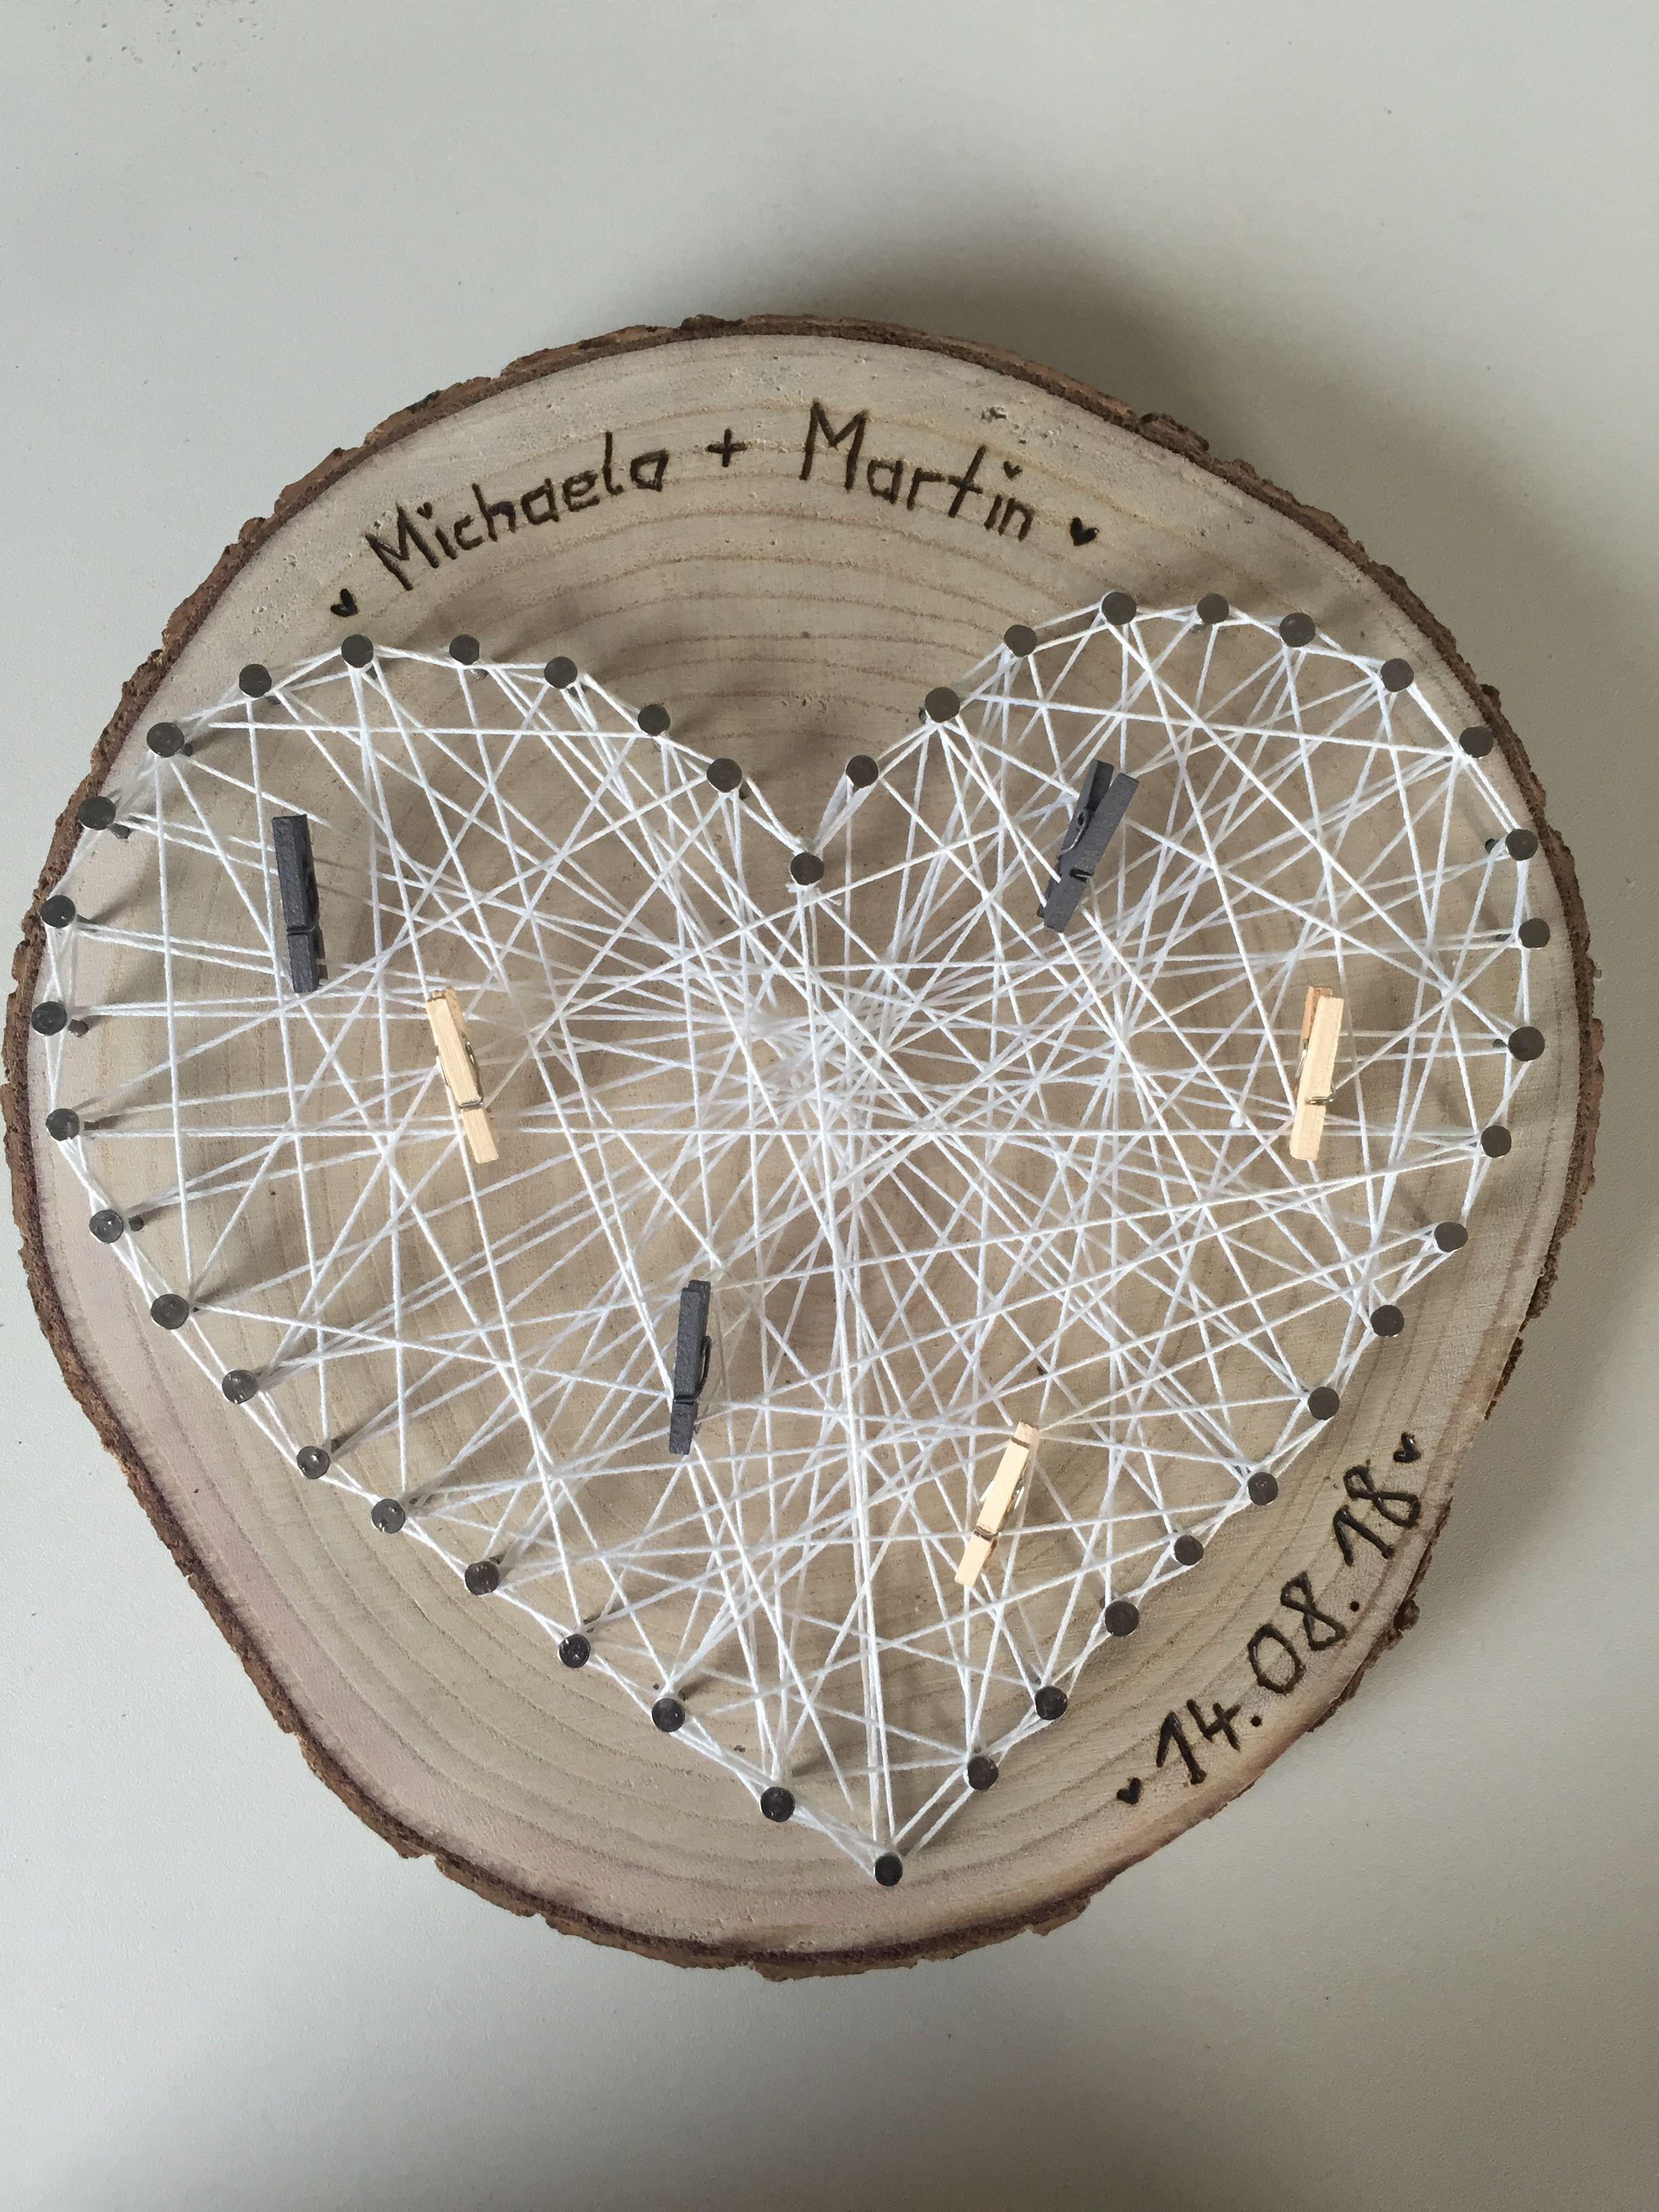 Geschenk zur Hochzeit, Baumschreibe, Nagel Herz, weißer Faden mit den kleinen Klammern soll dann gefaltetes Geld befestigt werden. #lustigegeschenke